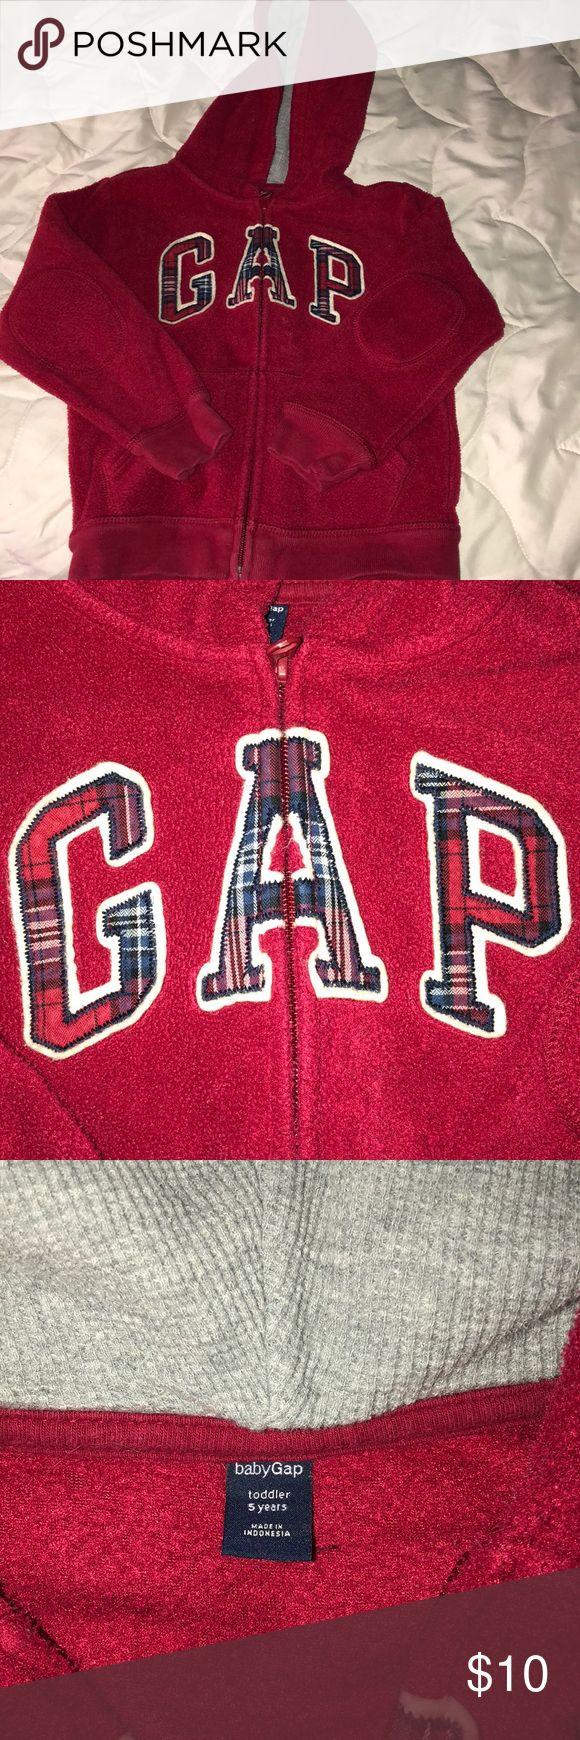 Babygap zip up sweater with hood. Fleece zip up sweater with hoodie. GAP  Shirts dcf26744320